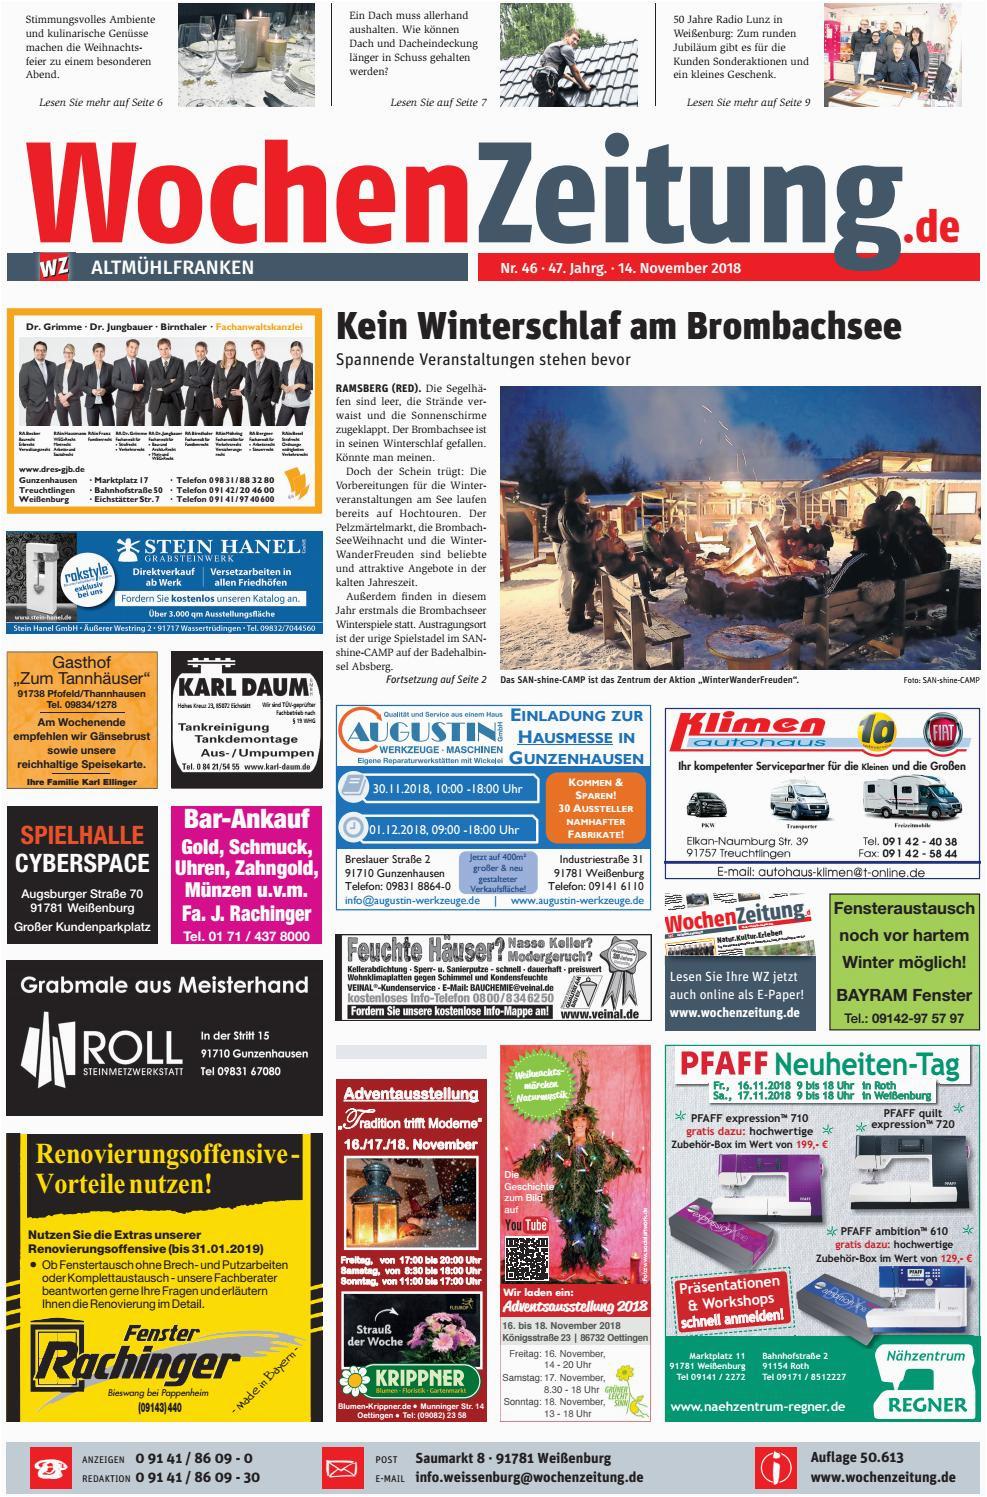 Küchenschrank Quillt Auf Wochenzeitung Altmühlfranken Kw 46 18 by Wochenzeitung